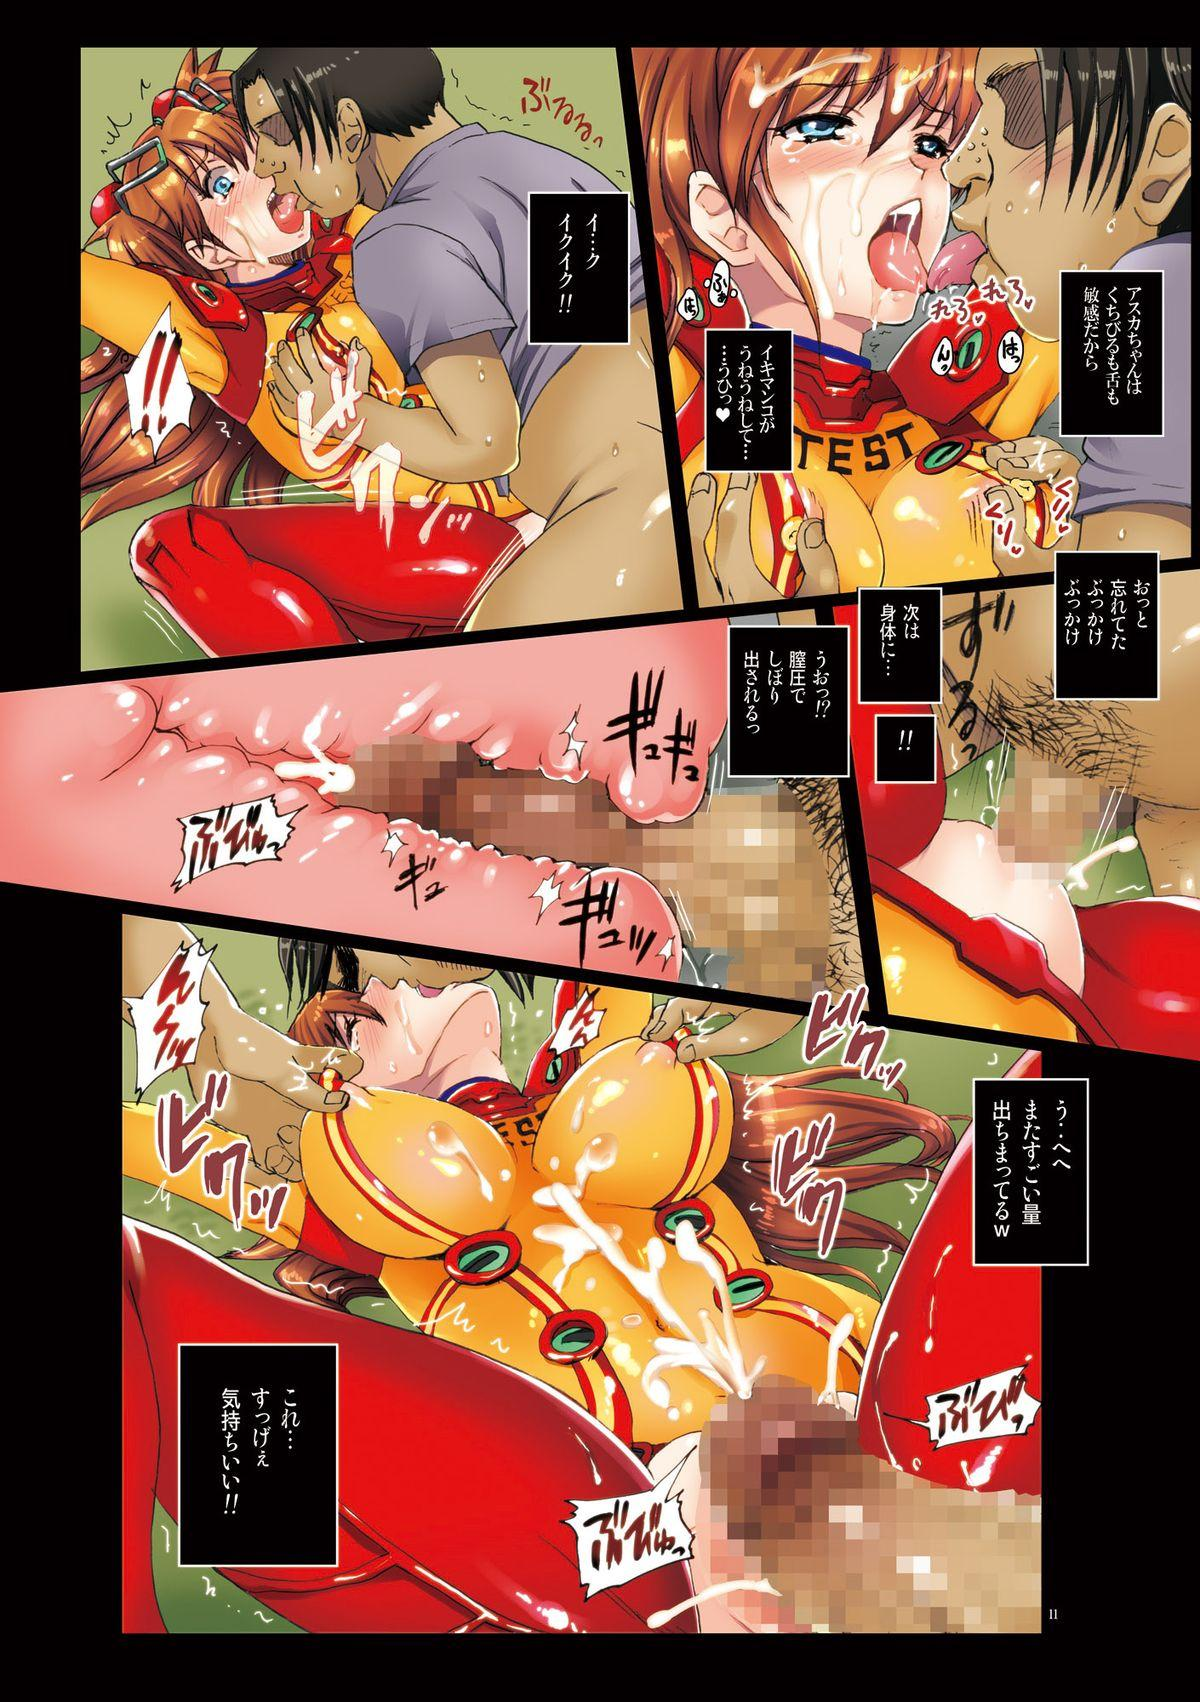 Rokujouma ni Asuka wo Kankin shite Tokunou OnaKin Jiru de Dorodoro ni Suru 10